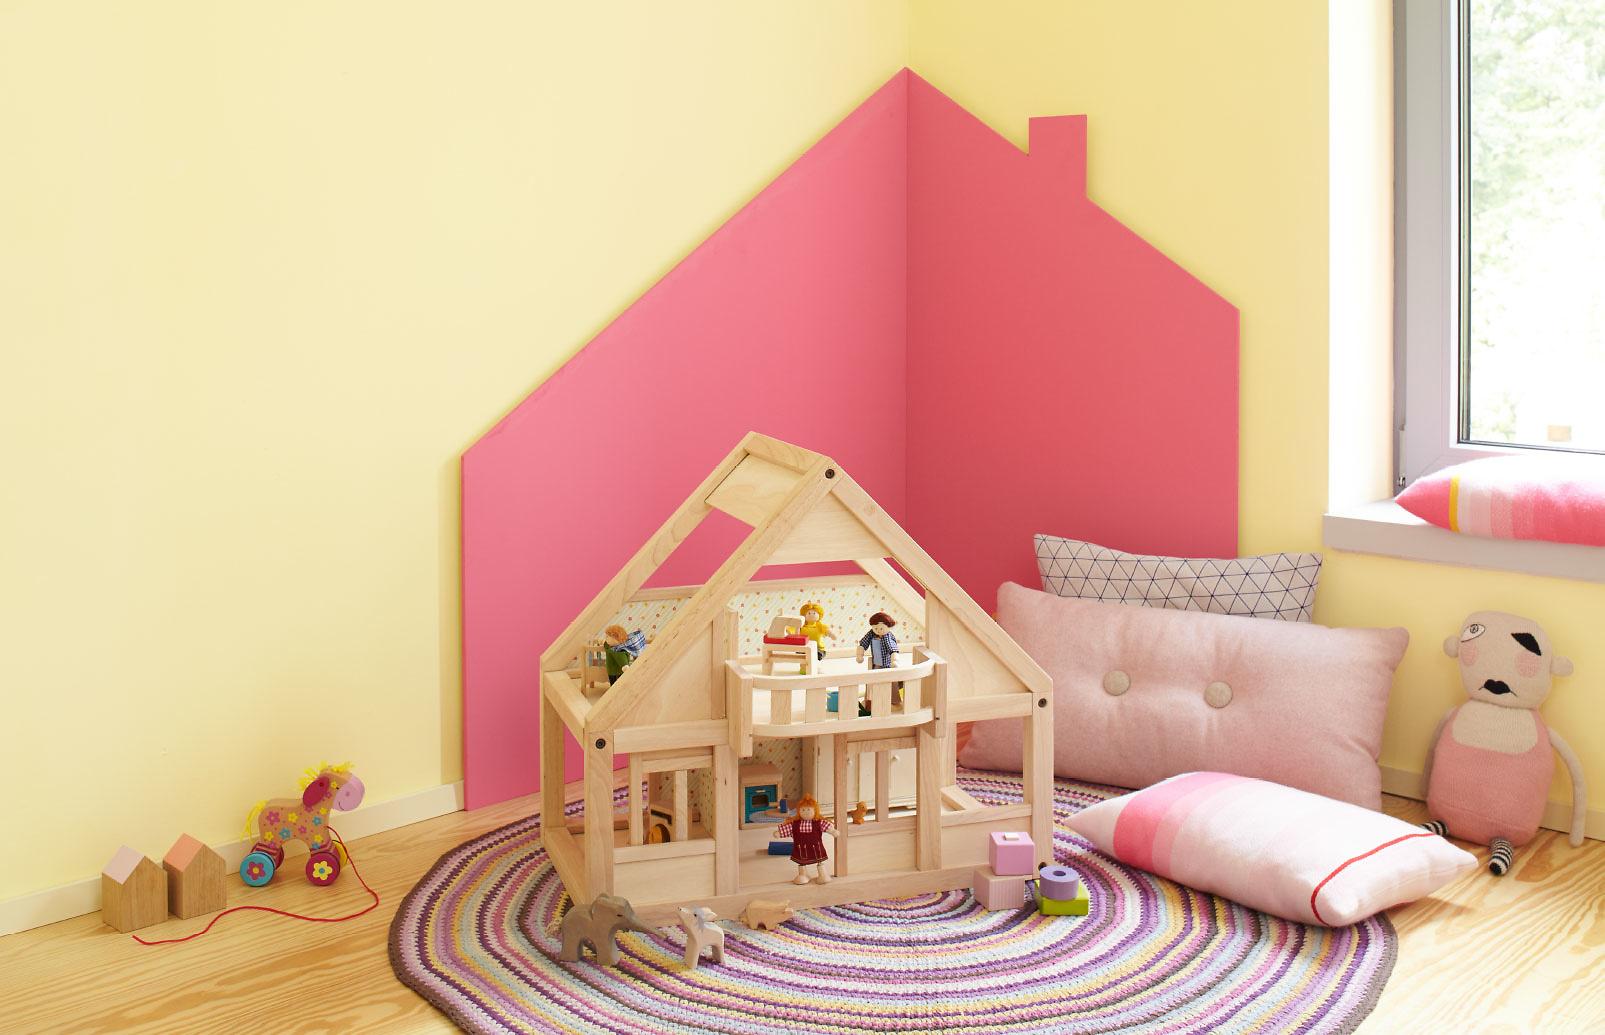 kinderzimmer farben f r kleinkinder alpina familie farbe. Black Bedroom Furniture Sets. Home Design Ideas